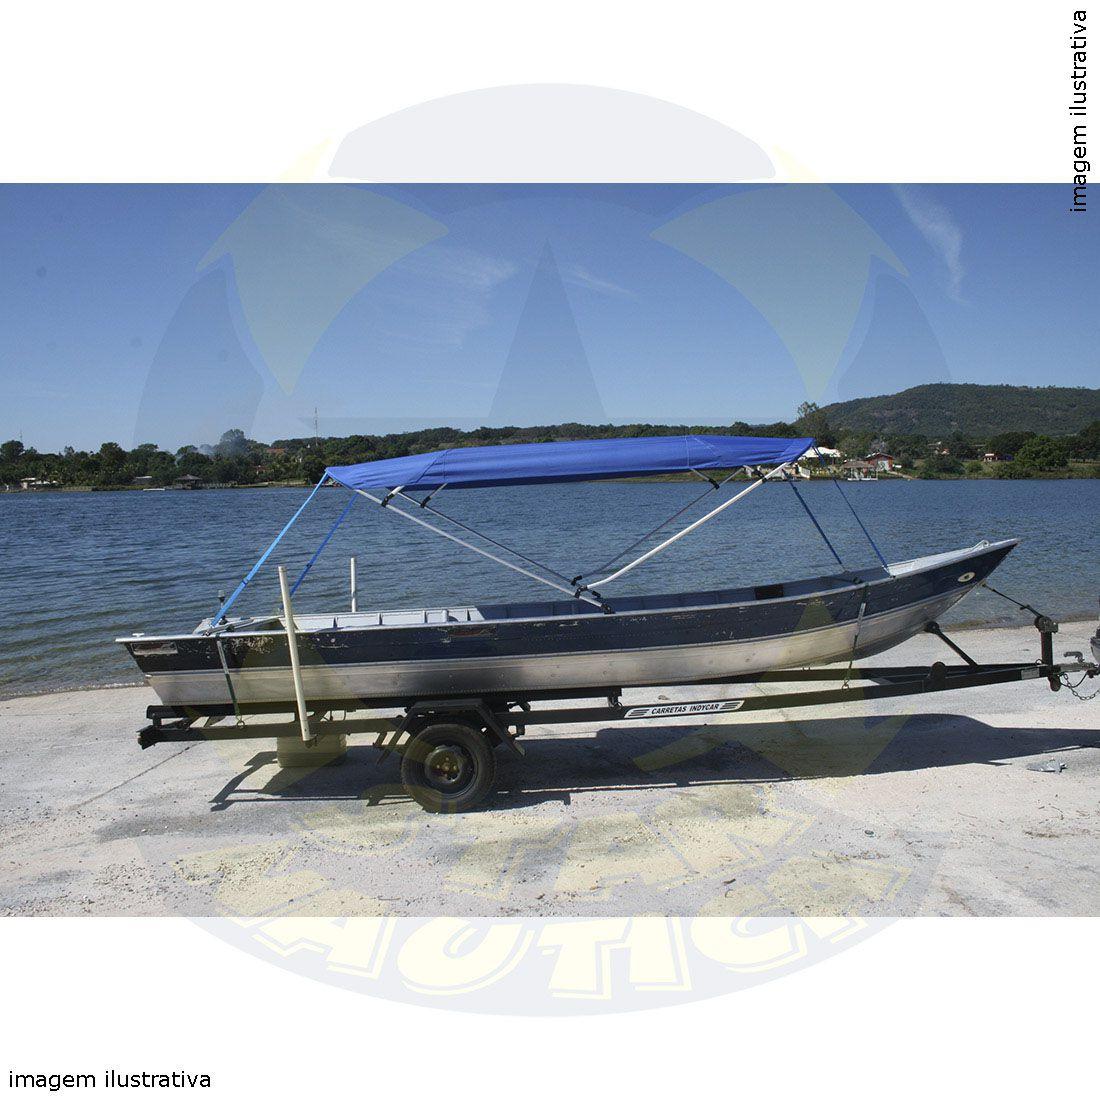 Capota Toldo Barco Apolus 600 Poliéster 4 Arcos Tubo 1 1/4